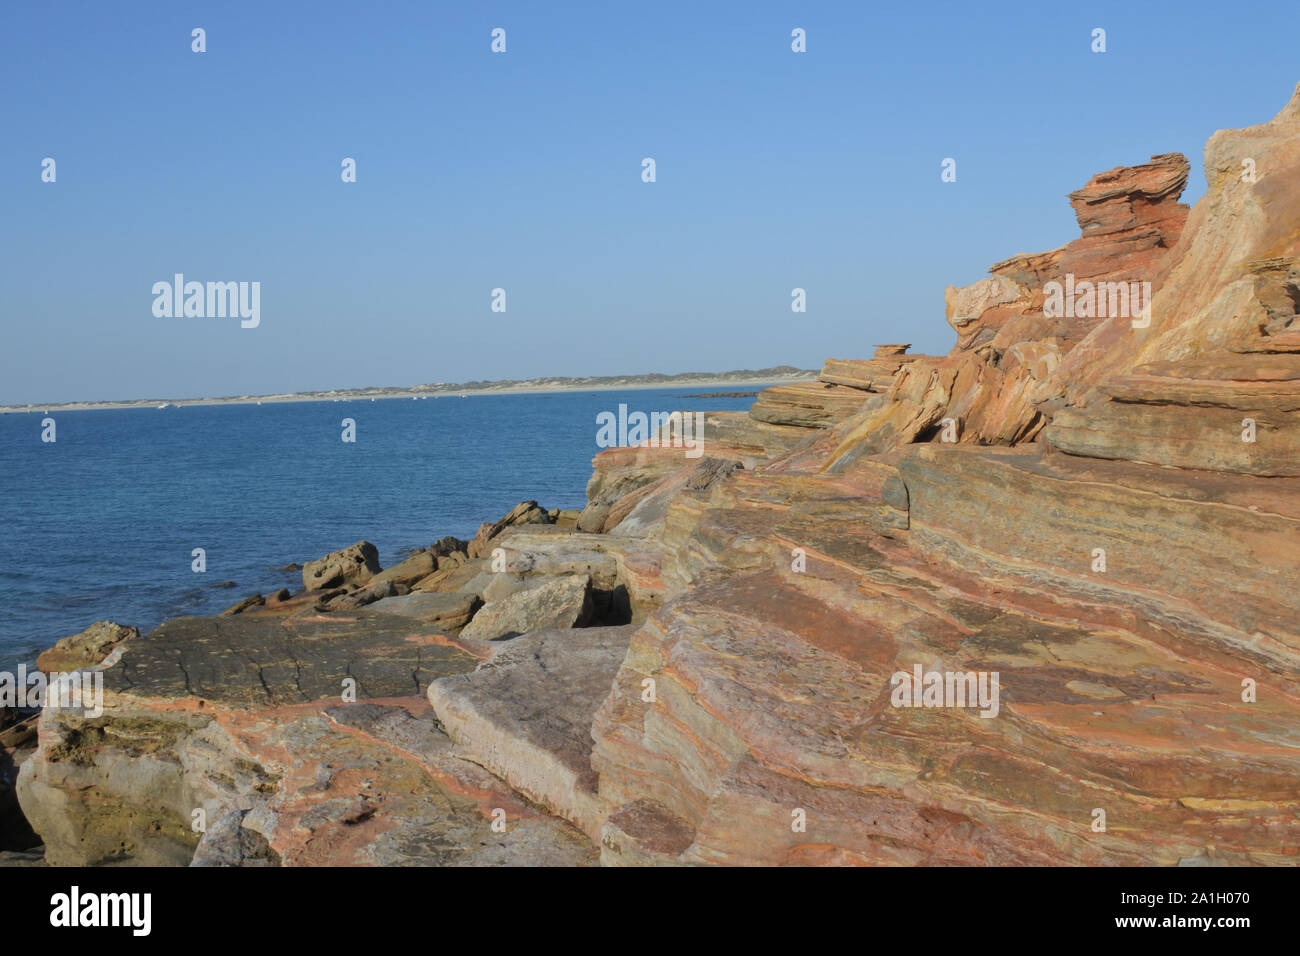 Paysage de Gantheaume point dans l'ouest de l'Australie Kimberley Broome Banque D'Images